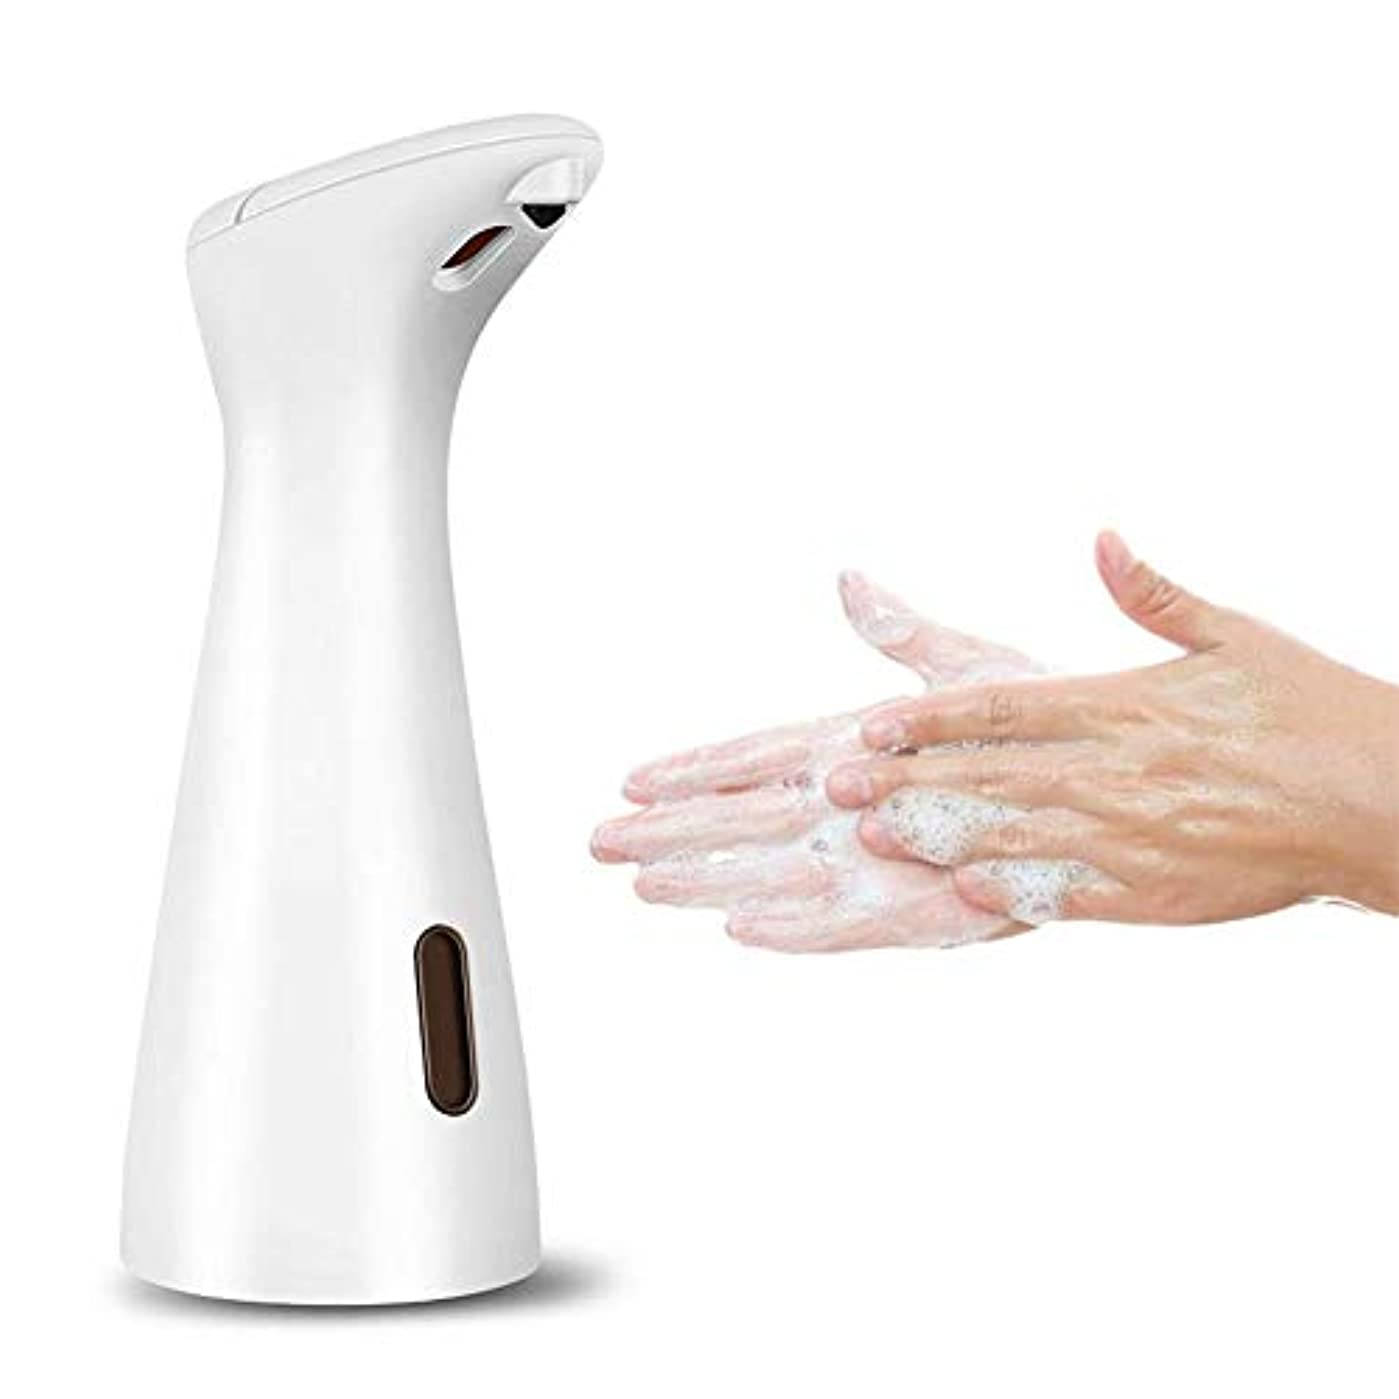 理想的エレガント無一文200ミリリットルスマート自動泡ソープディスペンサー誘導発泡手洗い機ポータブル液体ソープディスペンサー浴室キッチンツール